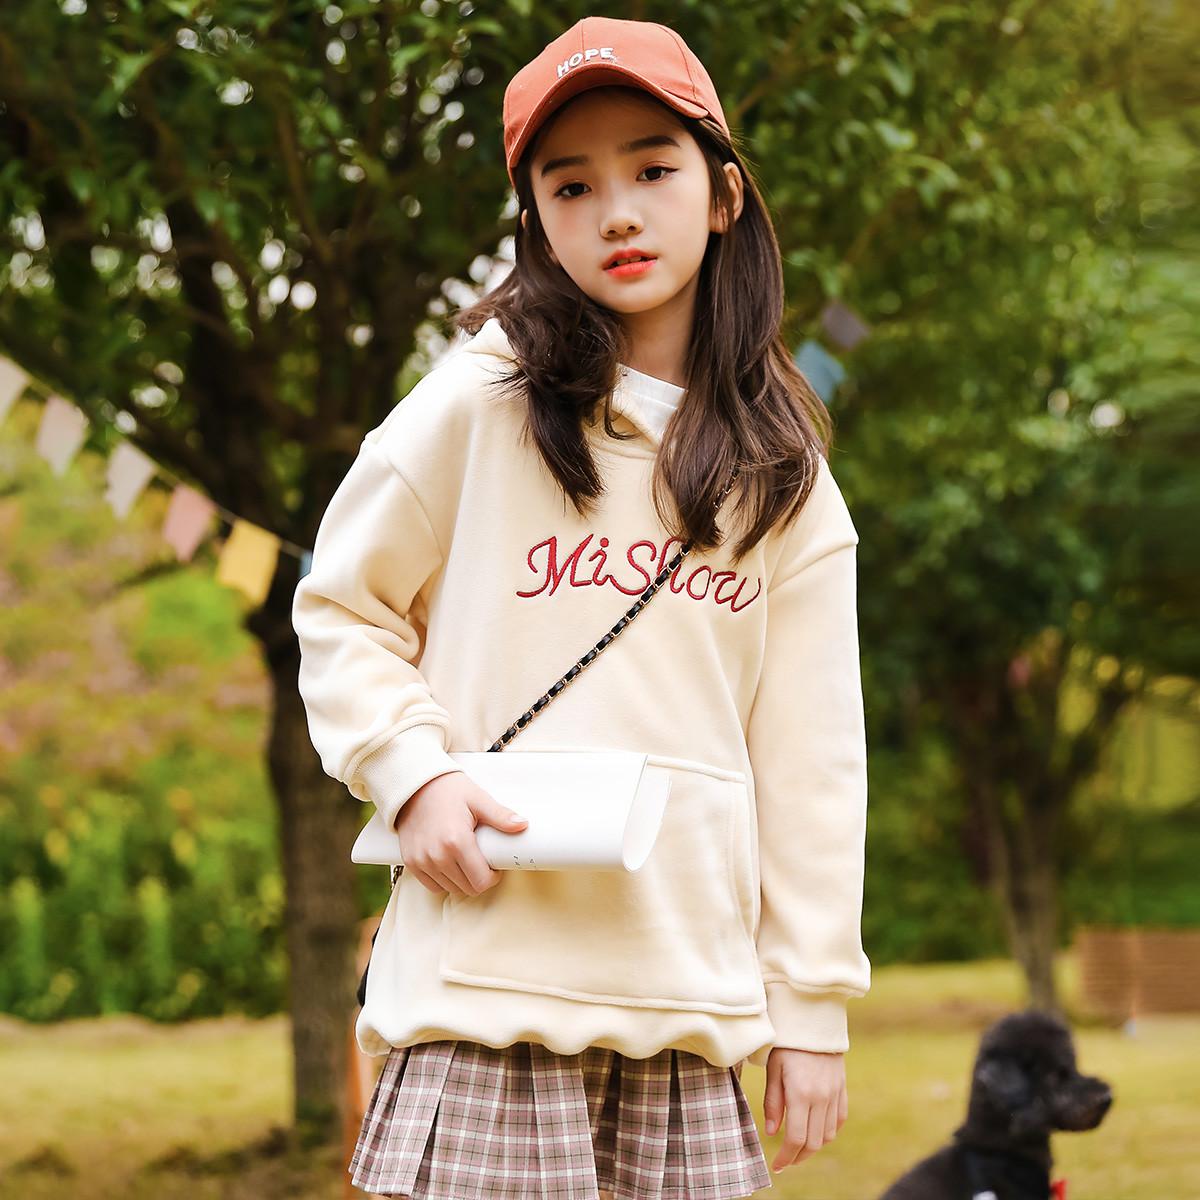 富罗迷富罗迷19年冬季新款女童卫衣丝绒加厚保暖宽松休闲韩版时尚百搭F9D8182Z25